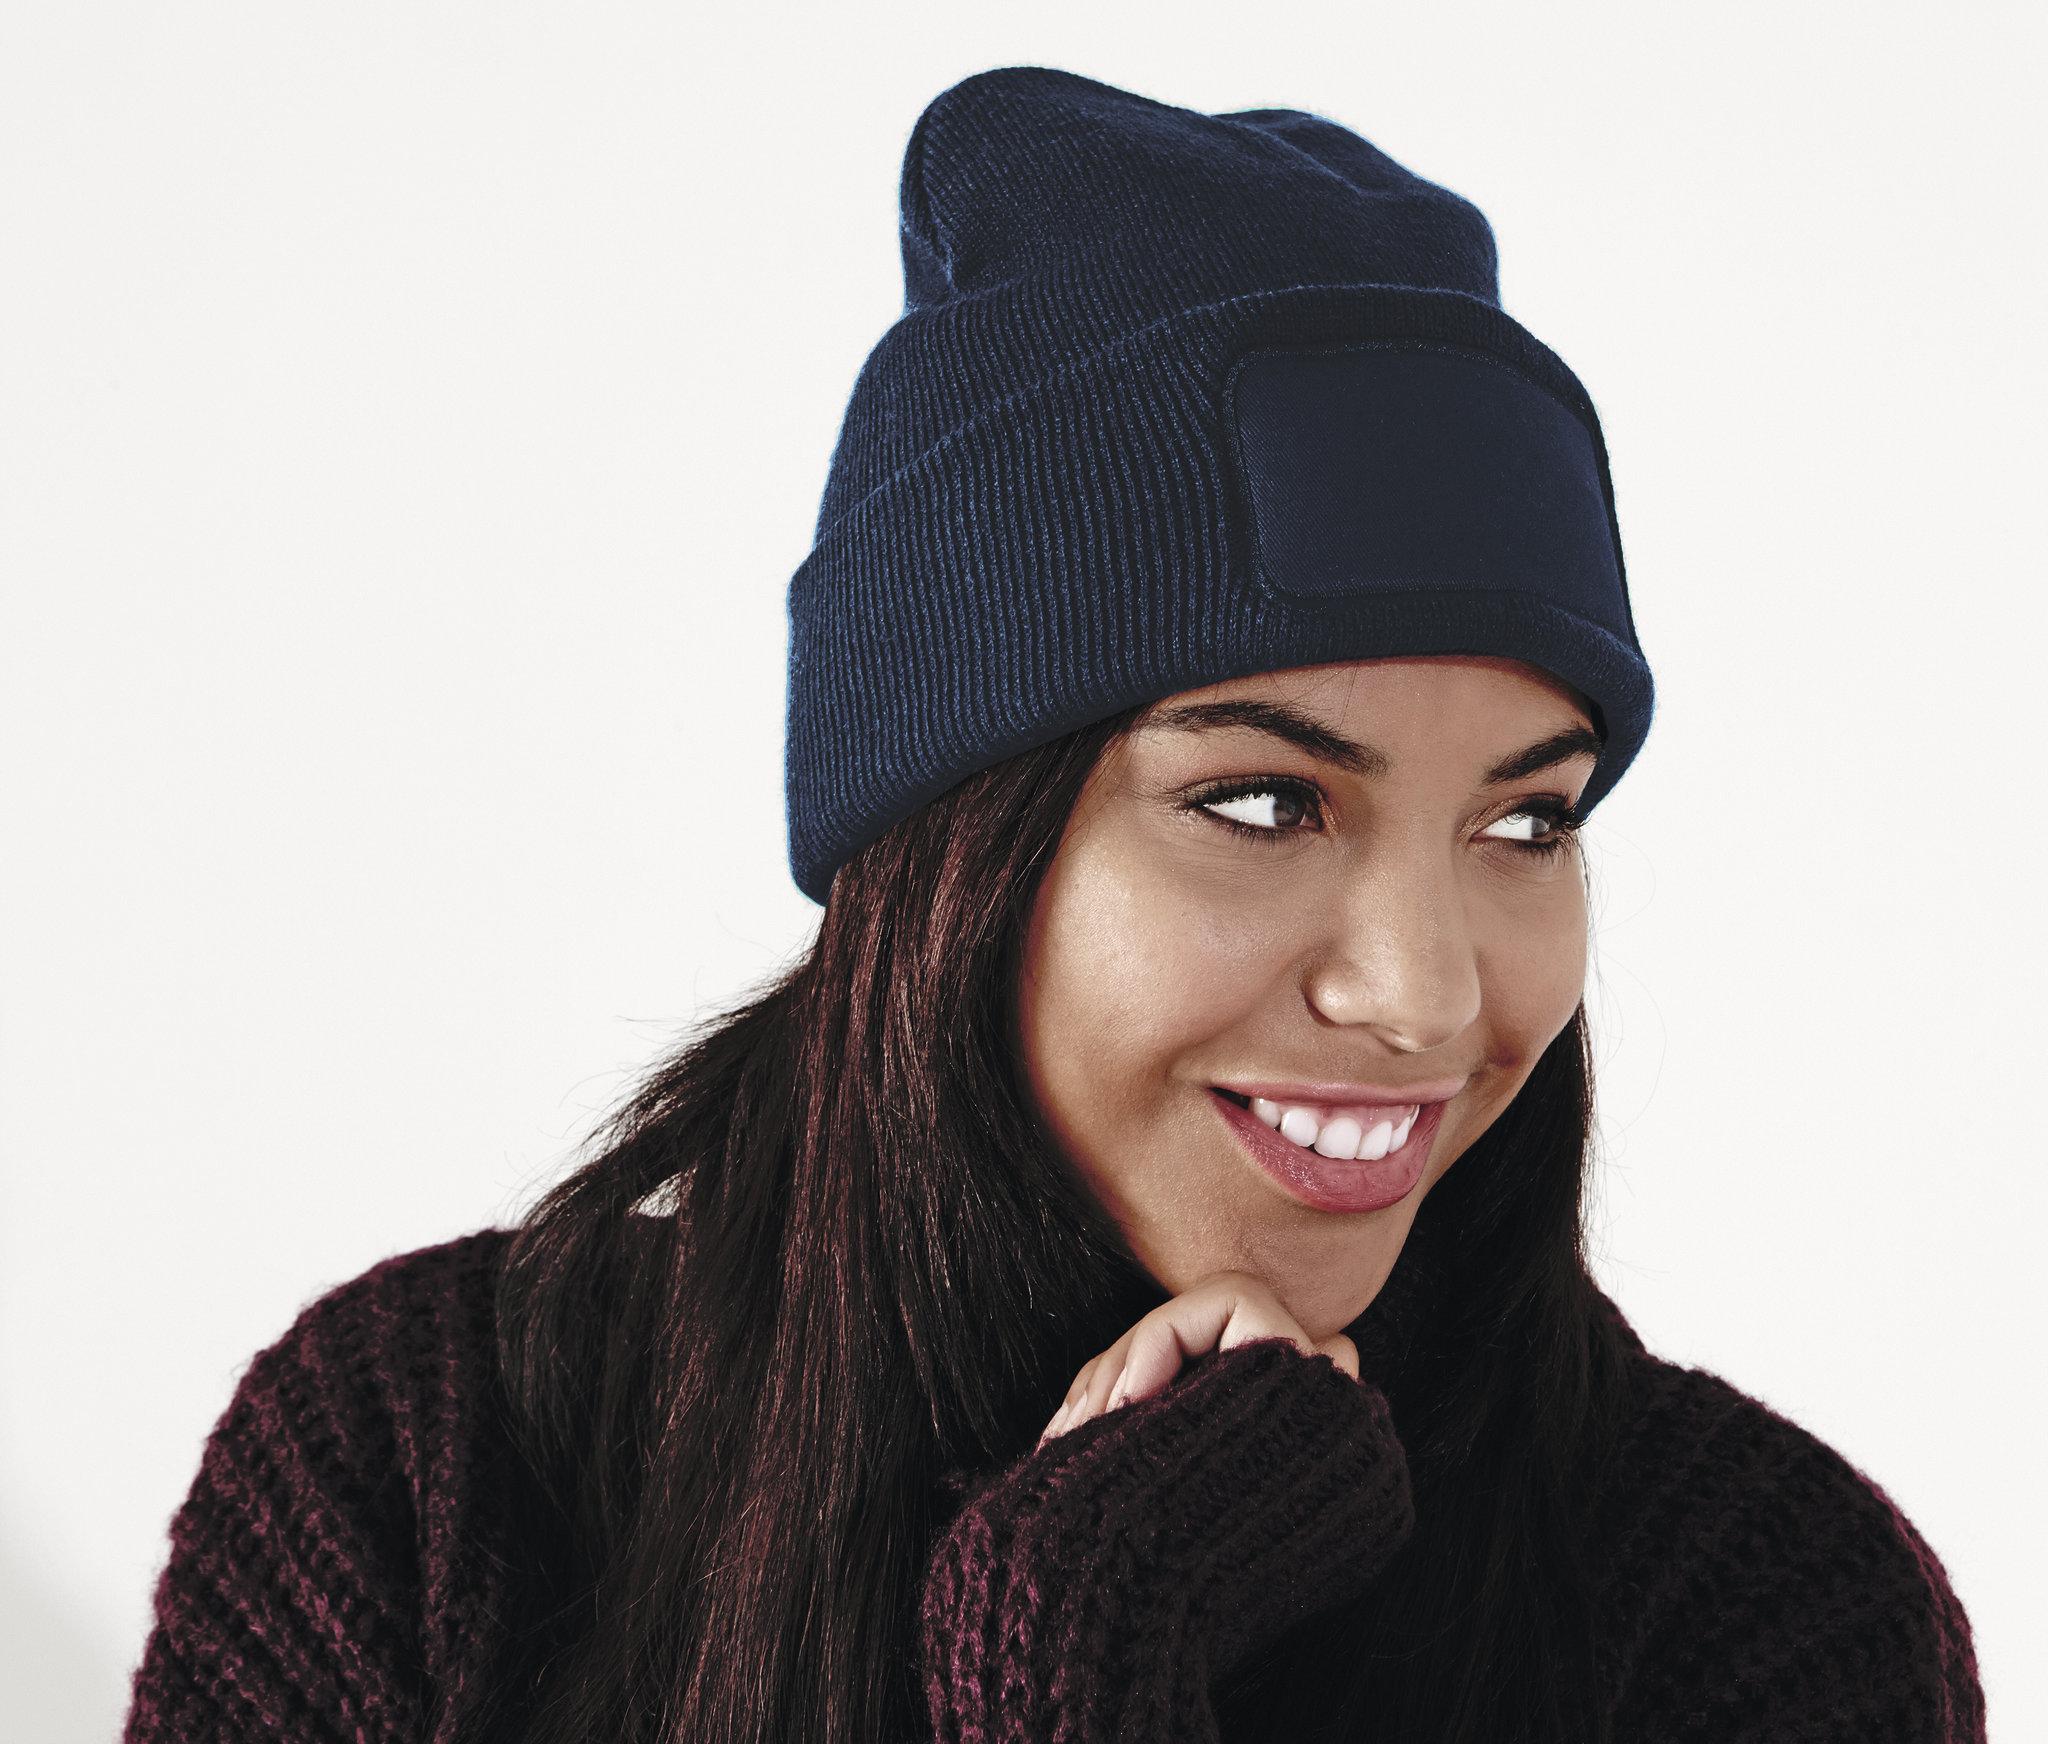 Bonnet publicitaire Beanie - bonnet personnalisable navy